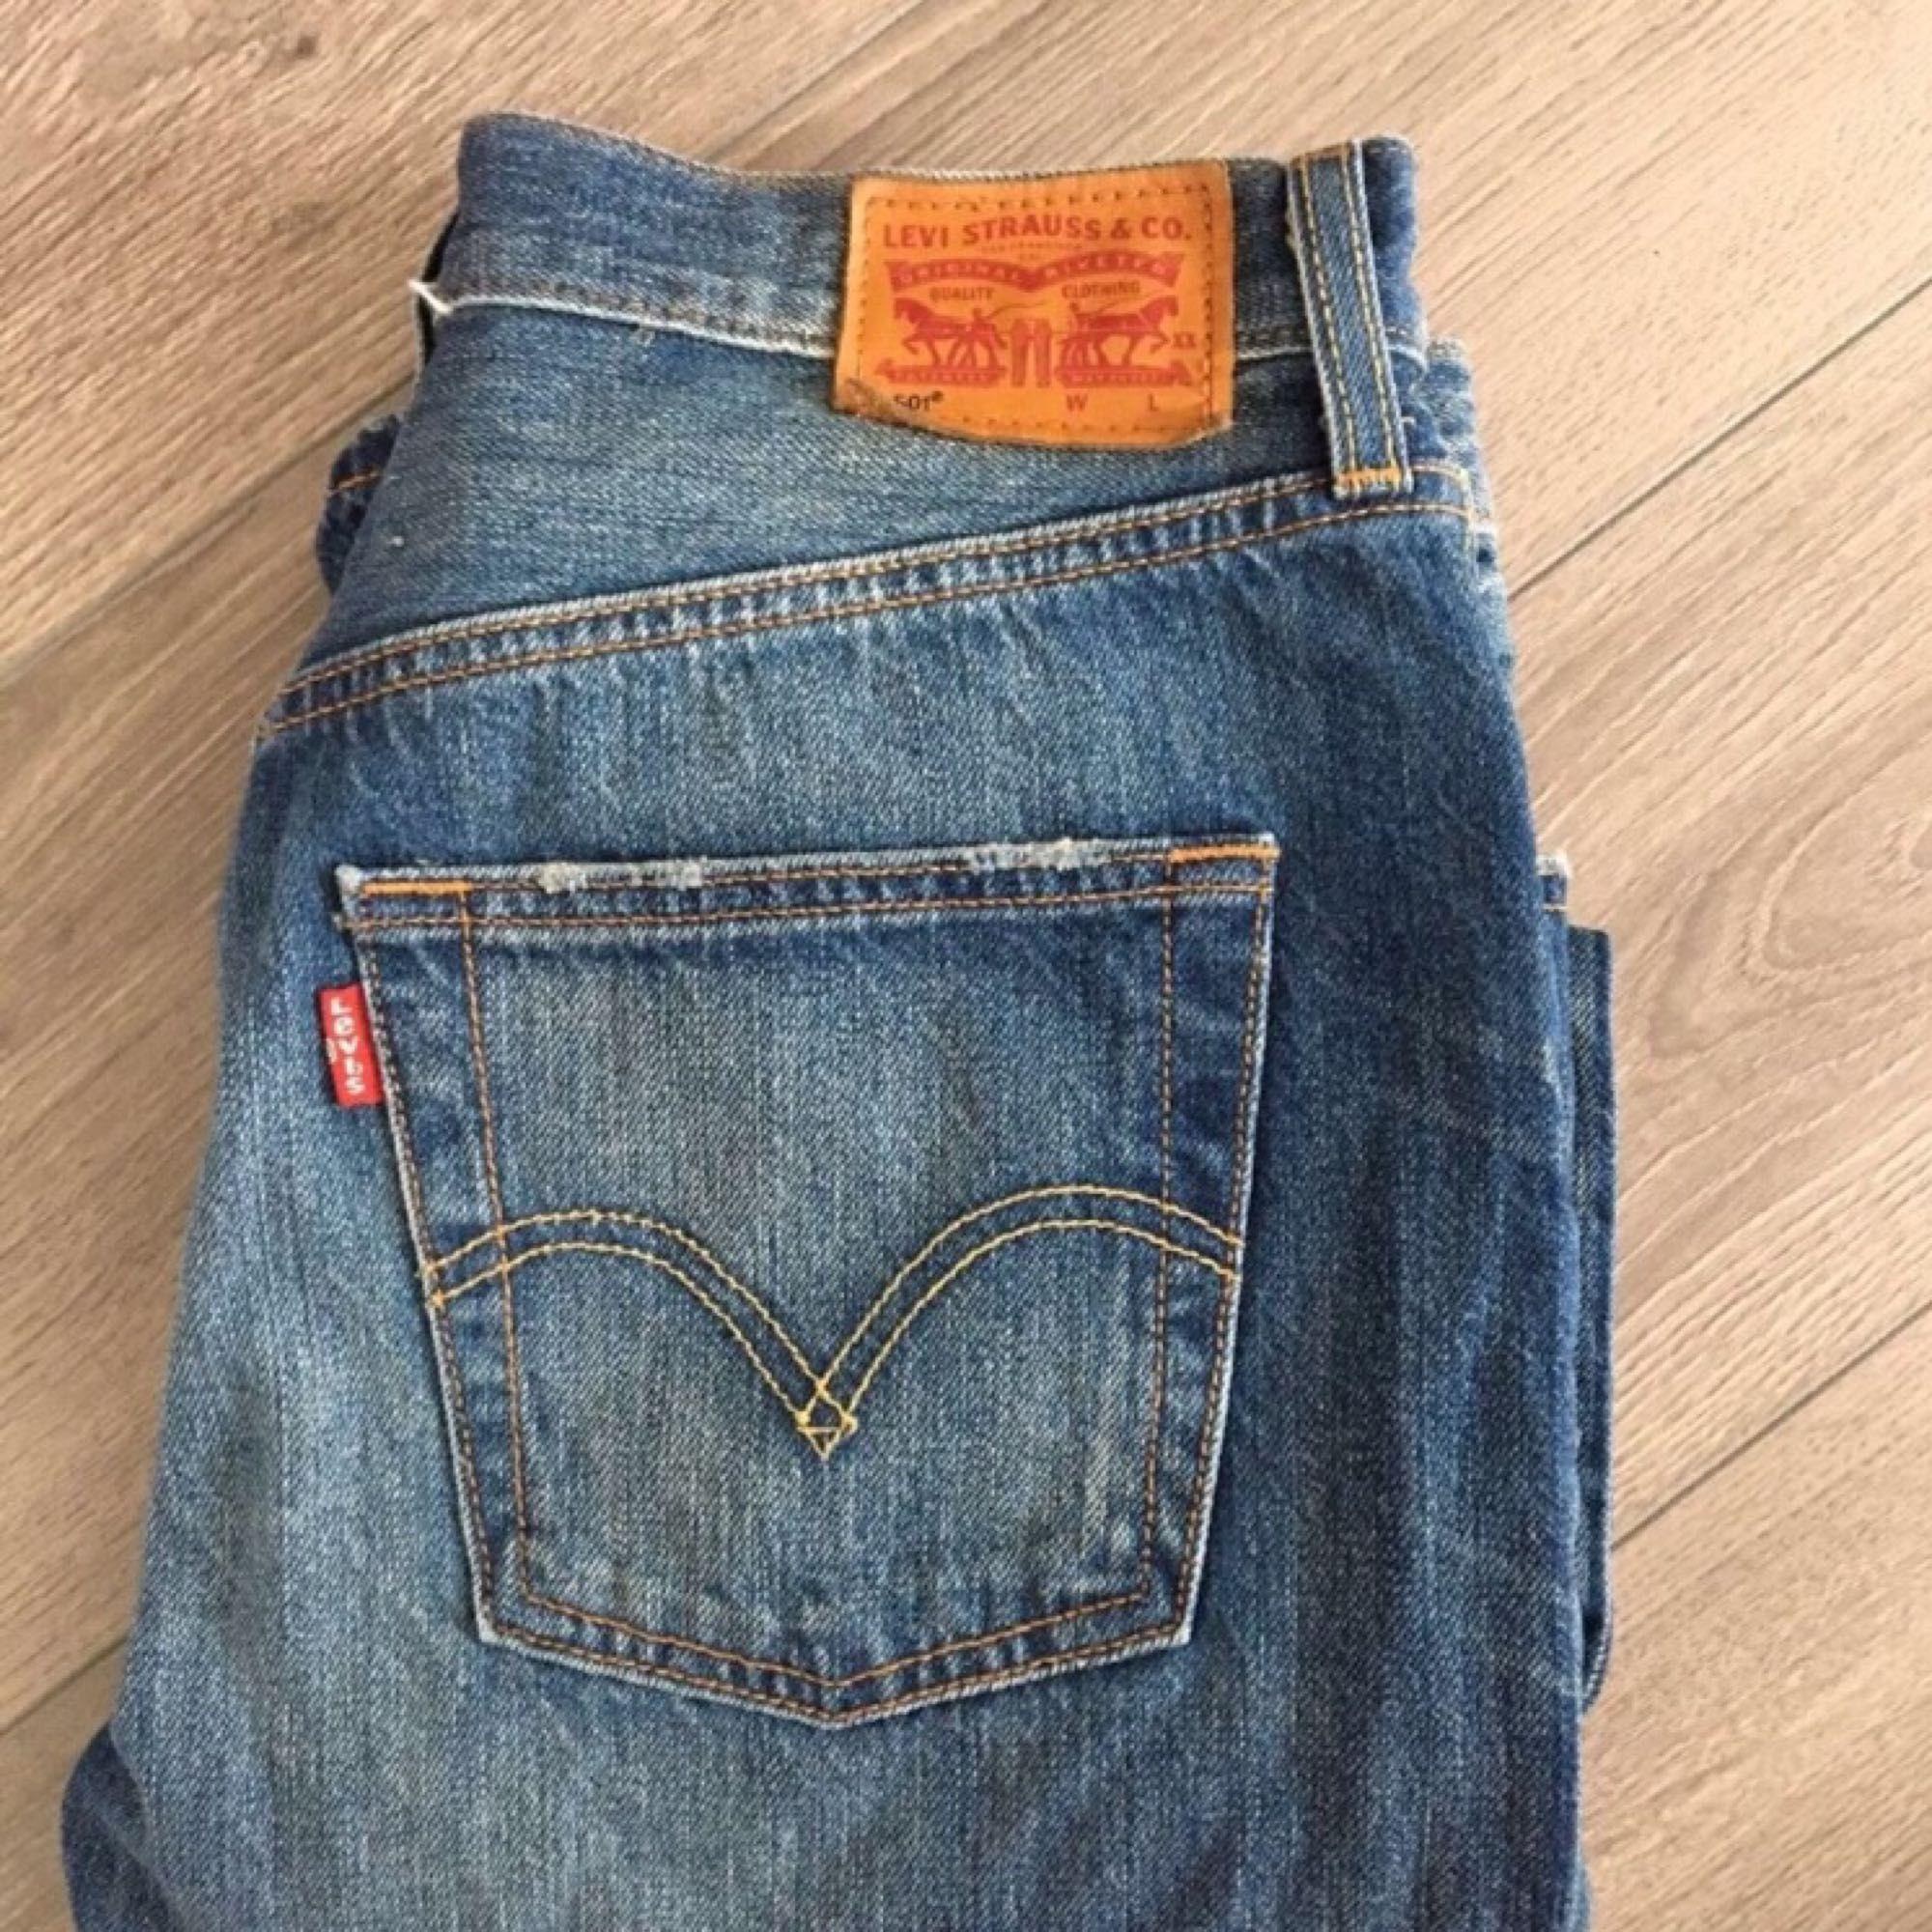 Levis Jeans i model 501. Næppe brugt og i størrelse W.26 og L ... 5b8dc7bde2e6d